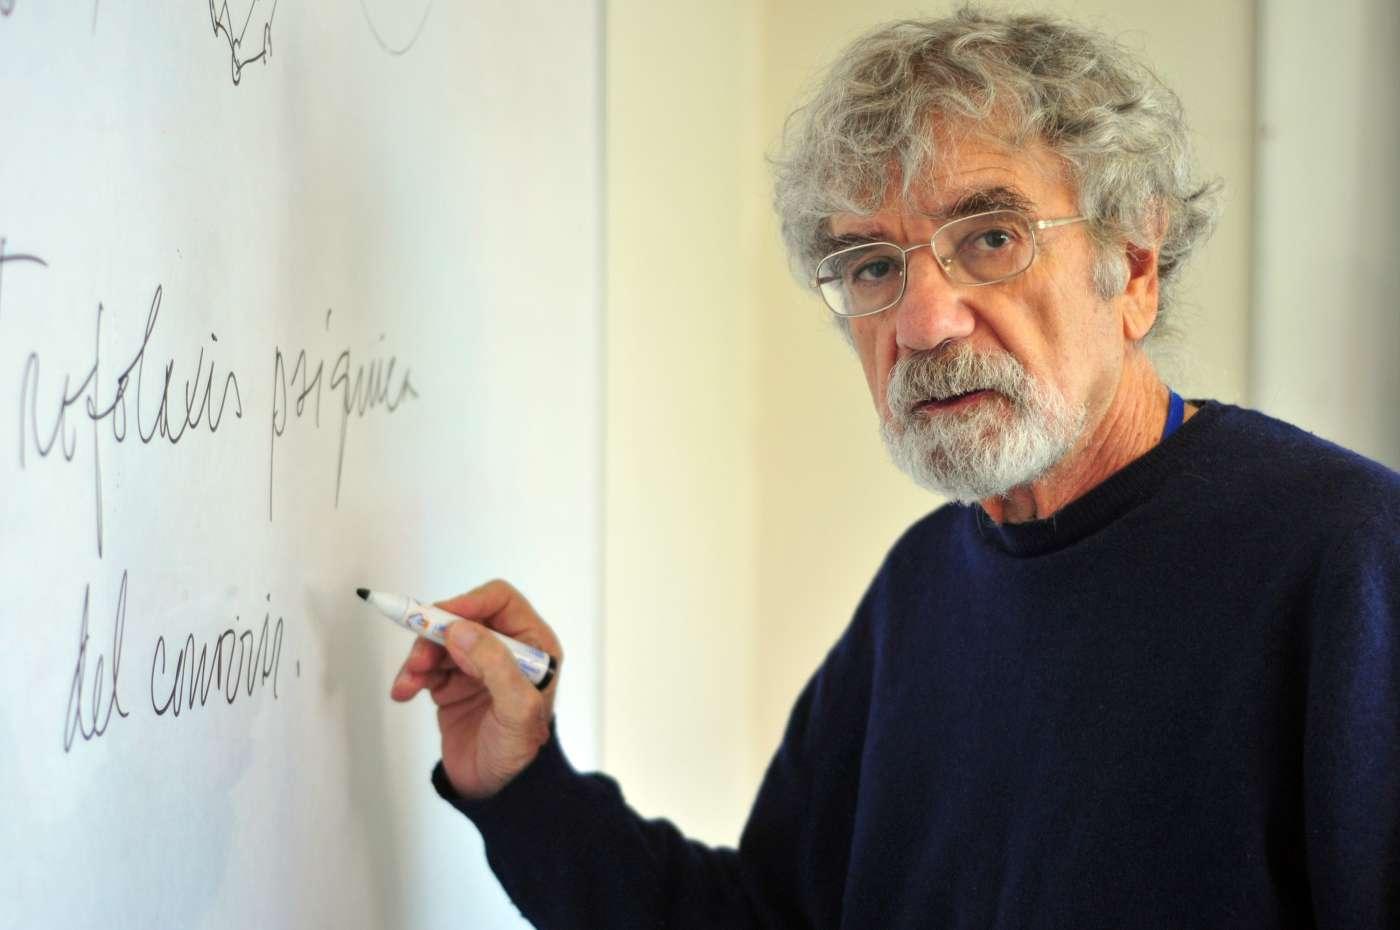 Muere Premio Nacional de Ciencias Humberto Maturana a los 92 años